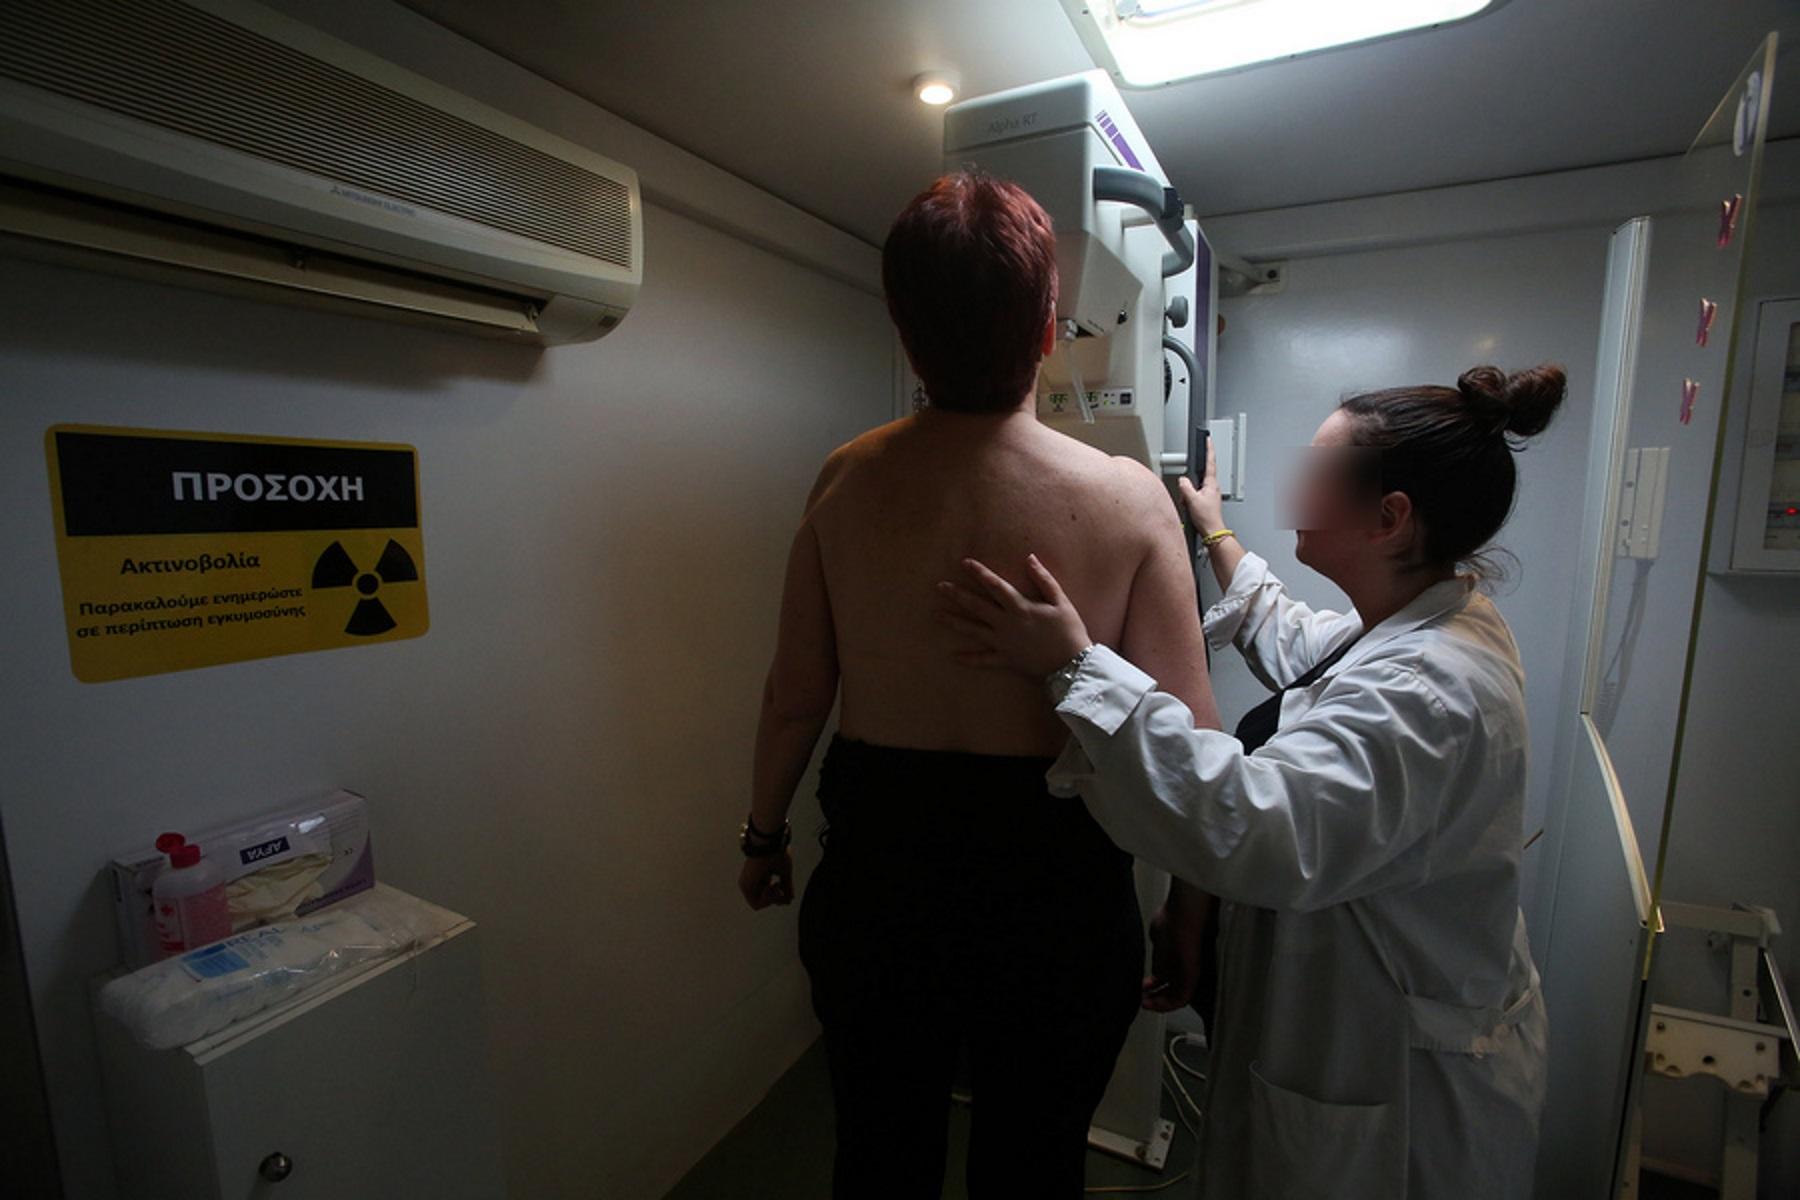 Από 10 Νοεμβρίου οι δωρεάν ψηφιακές μαστογραφίες για γυναίκες 49-50 ετών